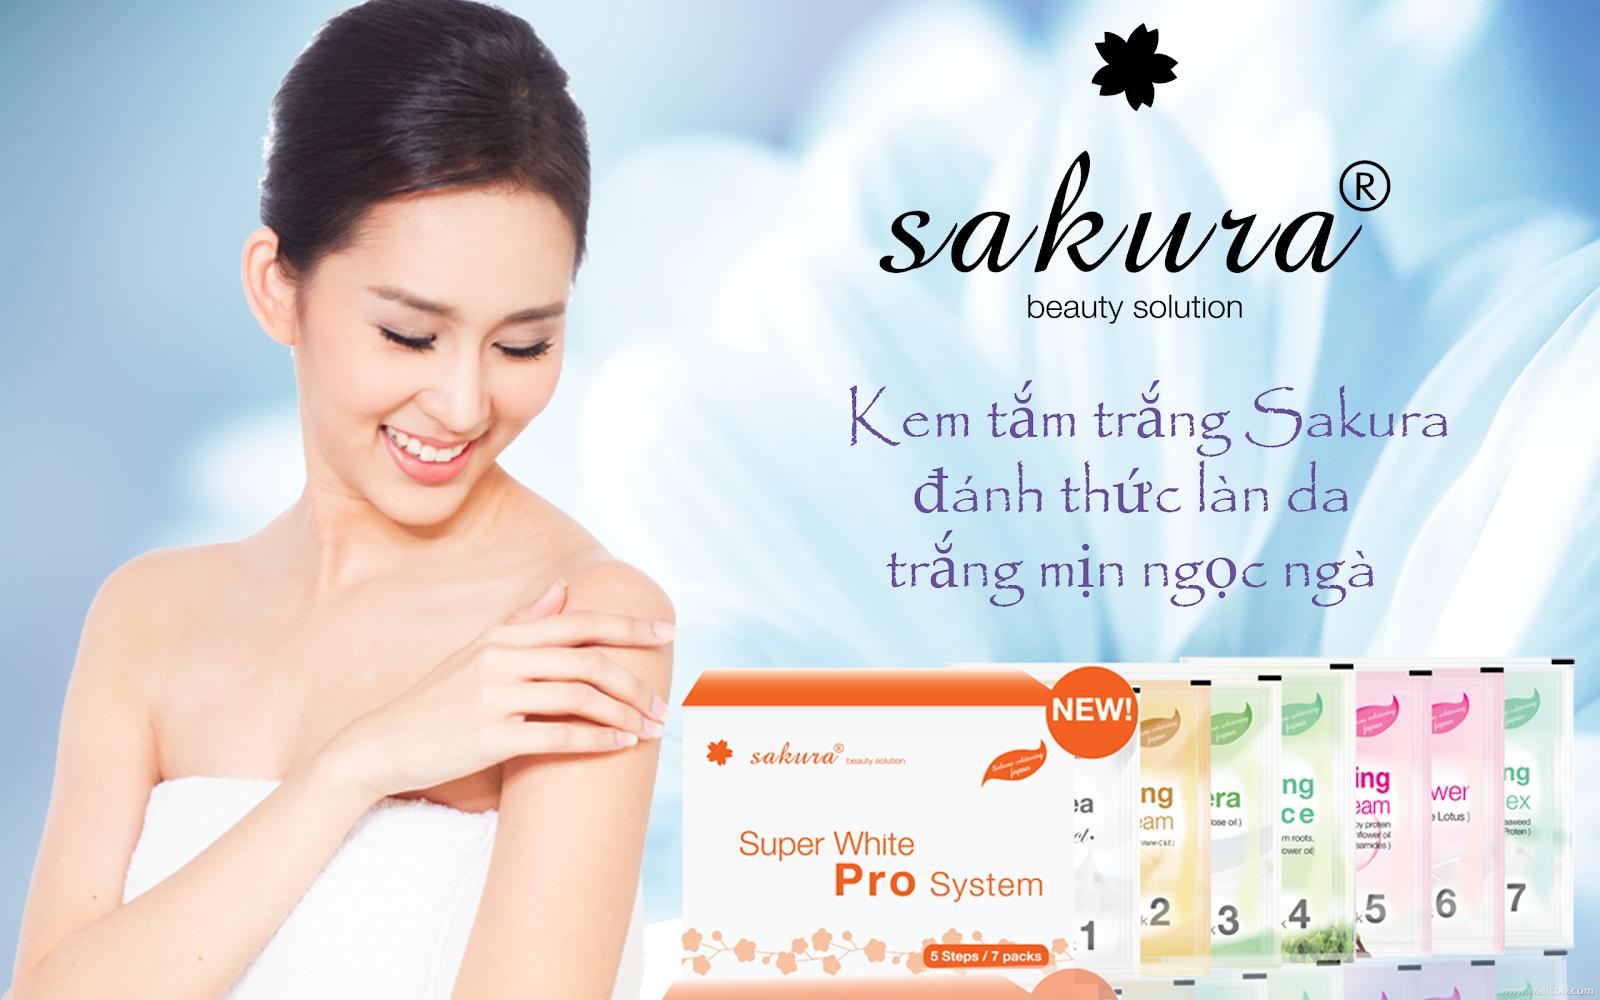 Kem tắm trắng Sakura có hiệu quả không?